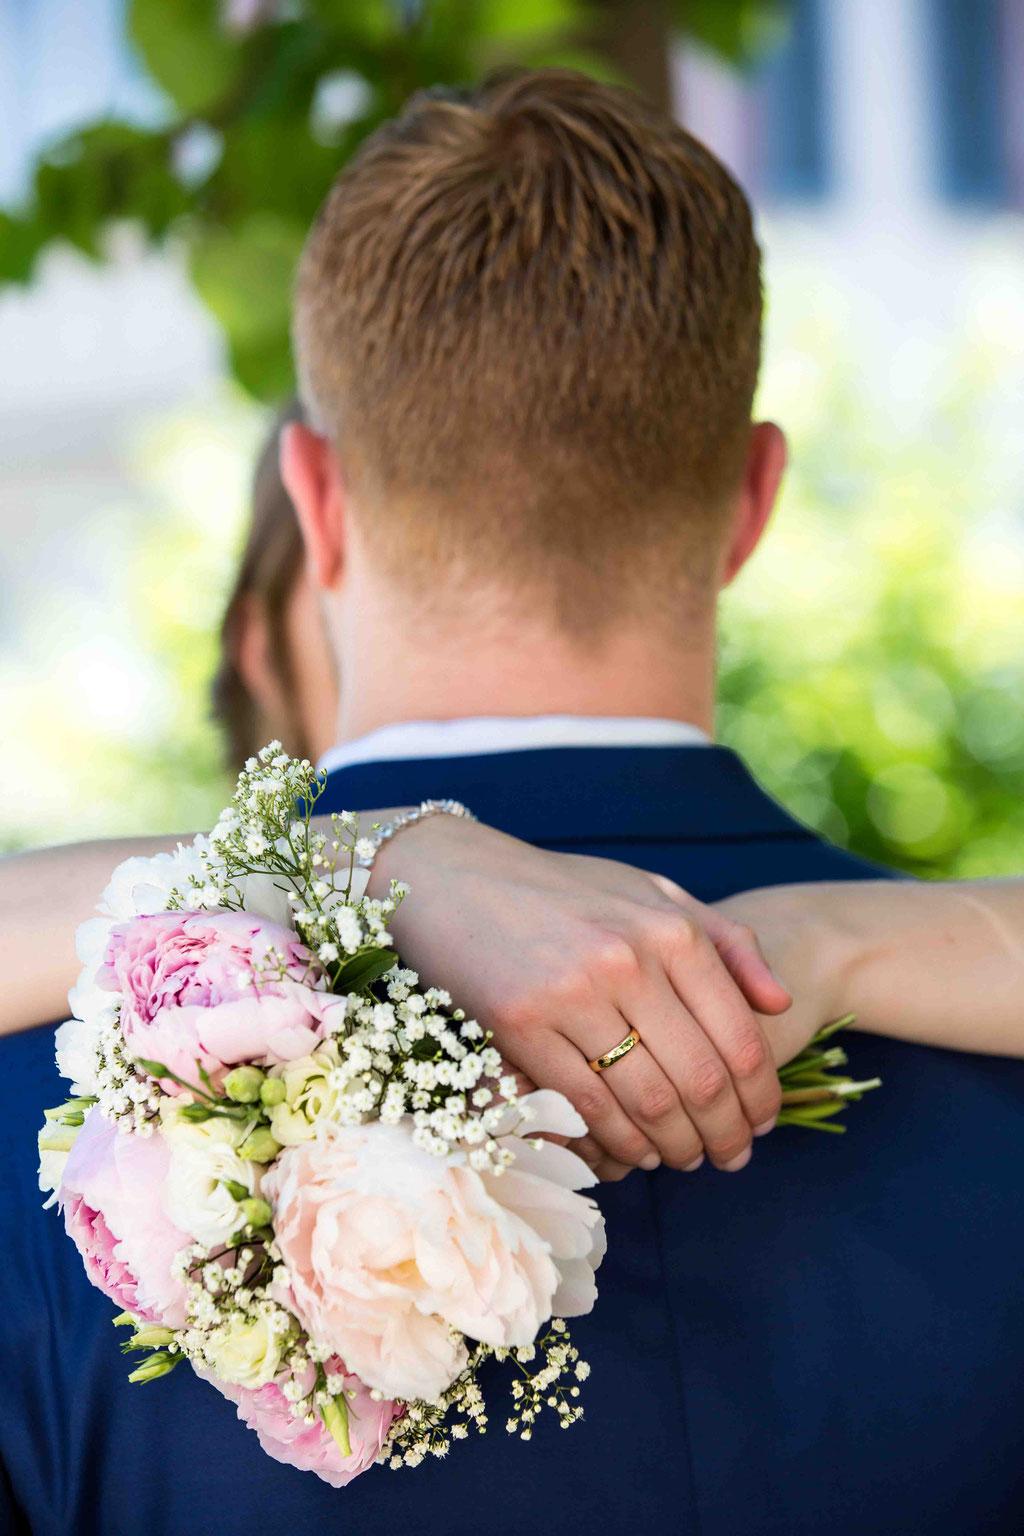 Hochzeitsfotograf, Hochzeitsreportage, Hochzeitslocation Schloss Schönborn Rheingau, Winkeler Str. 64, 65366 Geisenheim, Brautstrauß, Blumen an der Hochzeit fotografiert, Hochzeitsfoto vom Brautstrauß